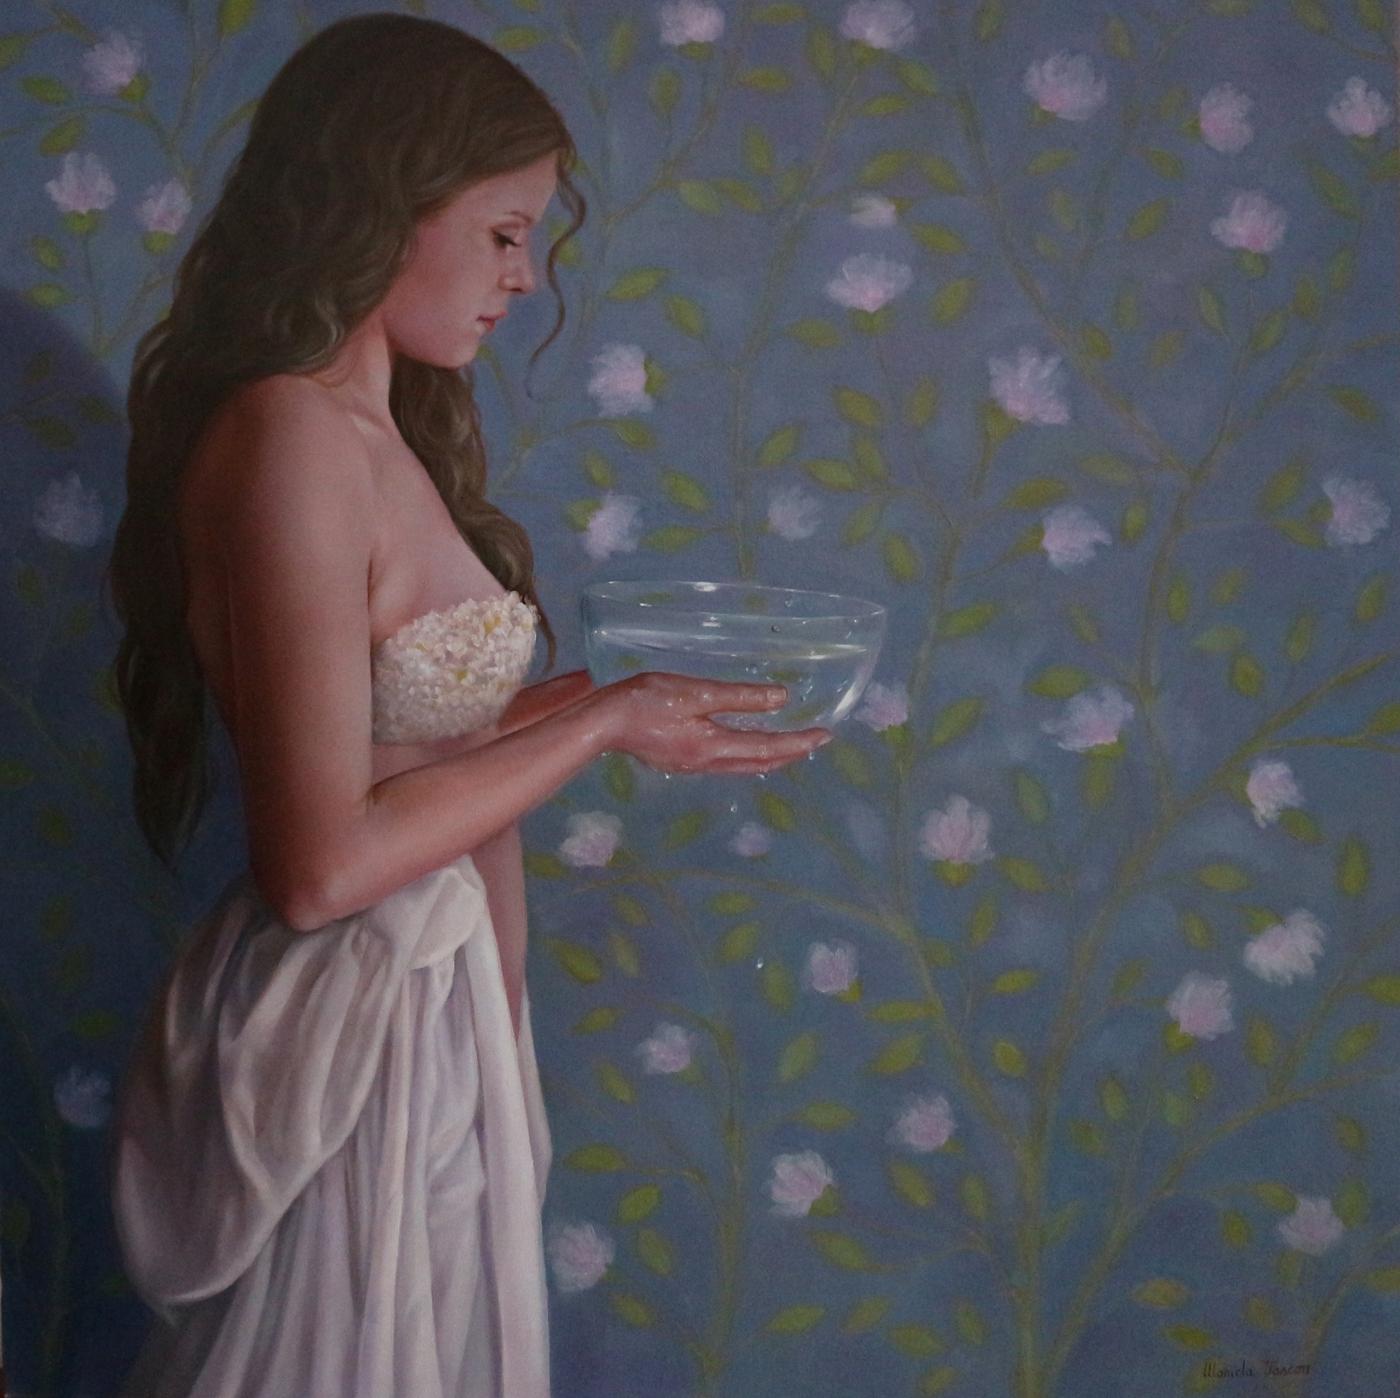 La fonte - Olio su tela, 2020, 50 x 50 cm.